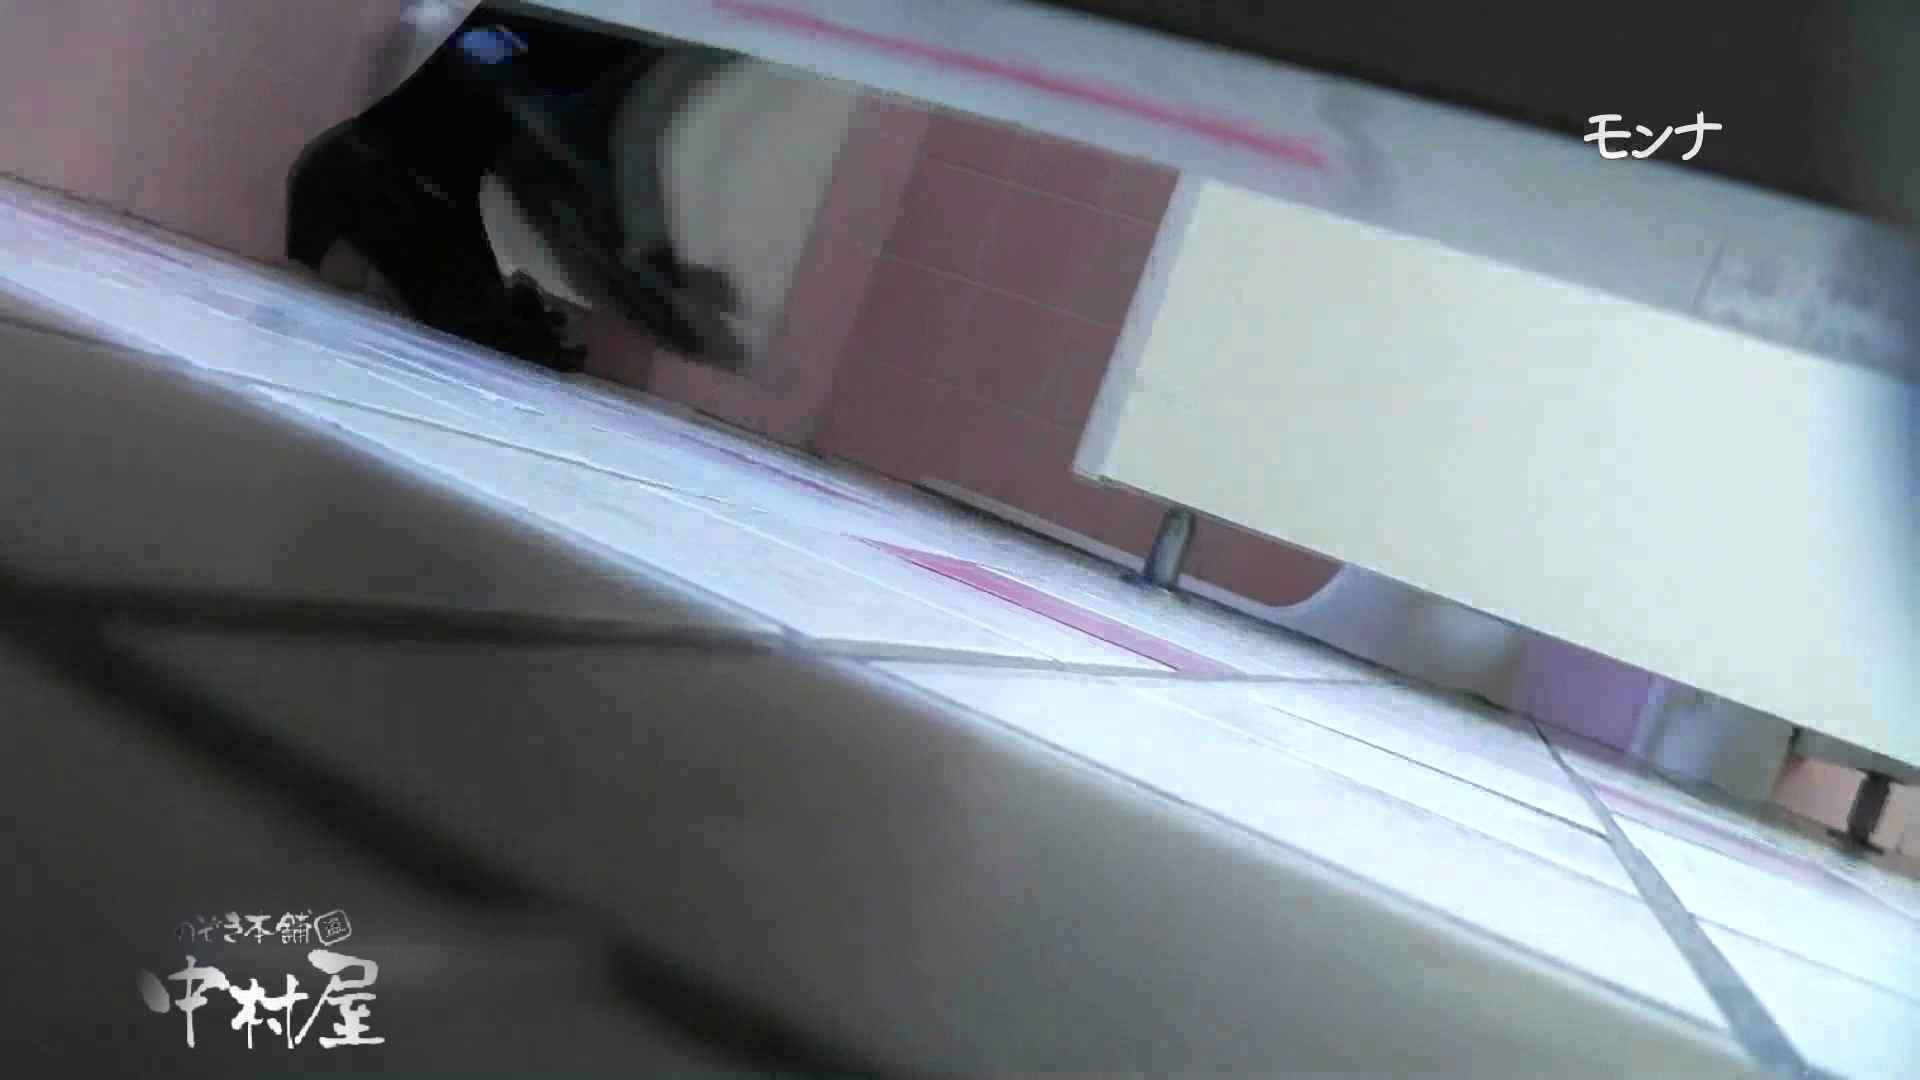 【美しい日本の未来】遂に!!戸田恵梨香似の予告モデル登場ダッシュで「大」後編 0   0  52連発 1